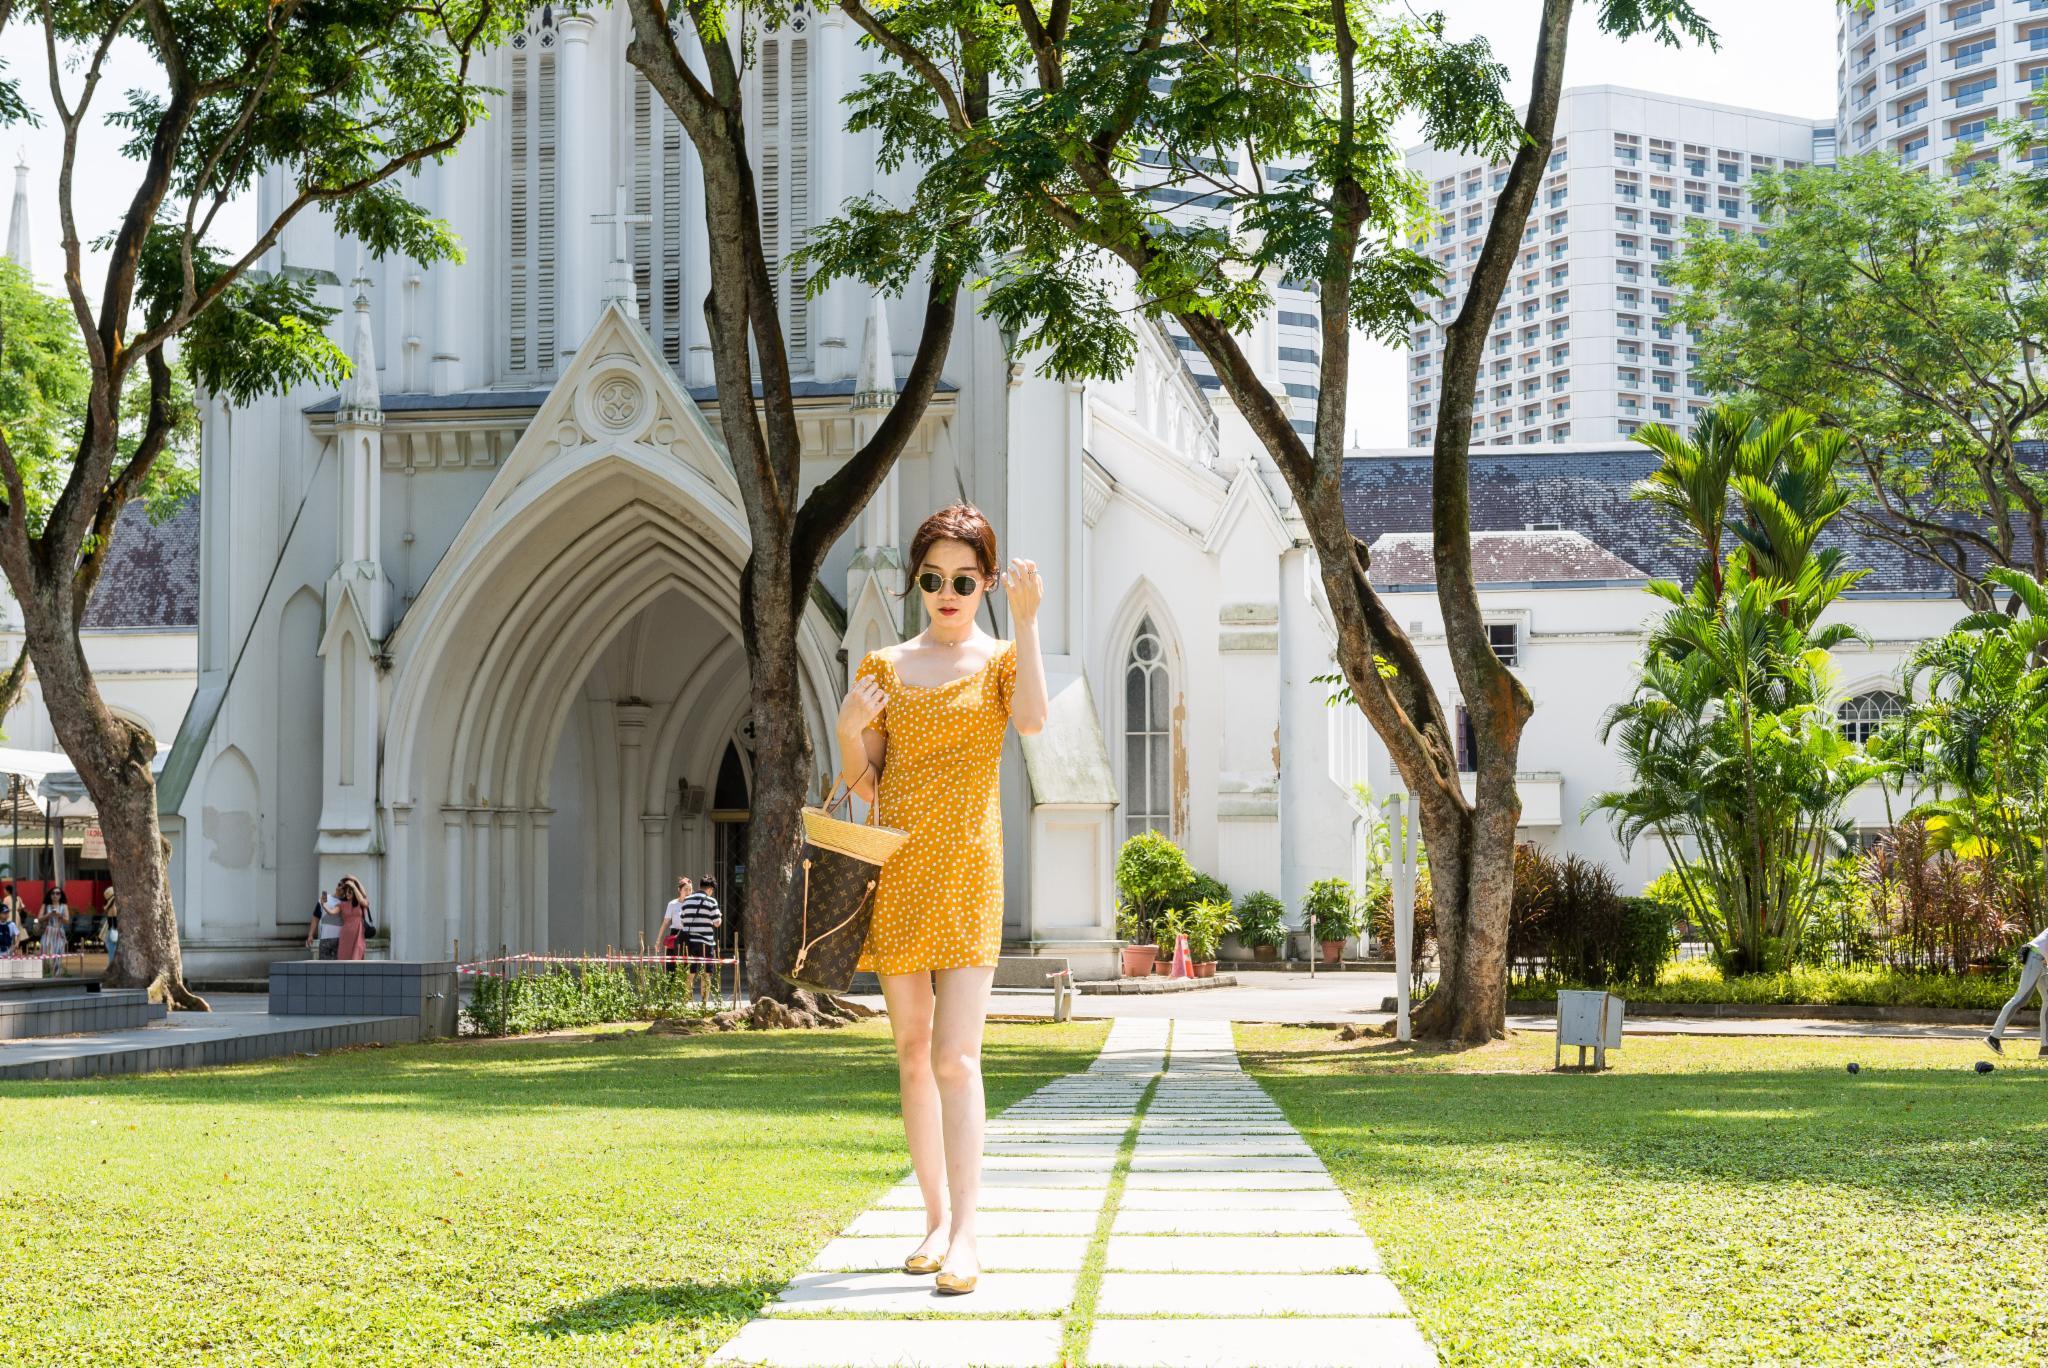 小狮妹心动青春の旅行-新加坡&马代12日漫游记